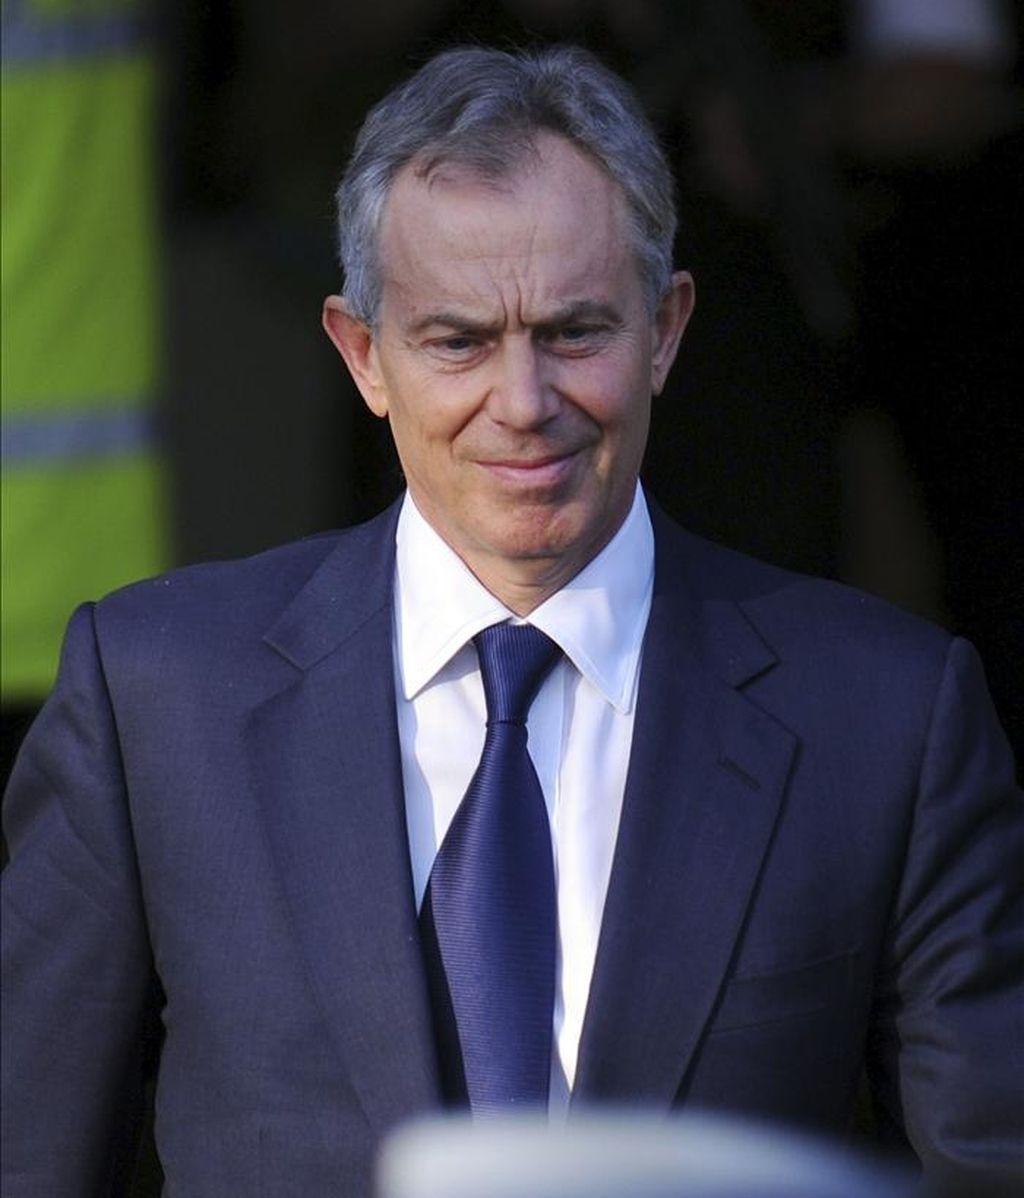 El primer ministro británico Tony Blair sale tras declarar ante la comisión que investiga el proceso político que llevó a Gran Bretaña a participar en la guerra de Irak, en Londres, Reino Unido. EFE